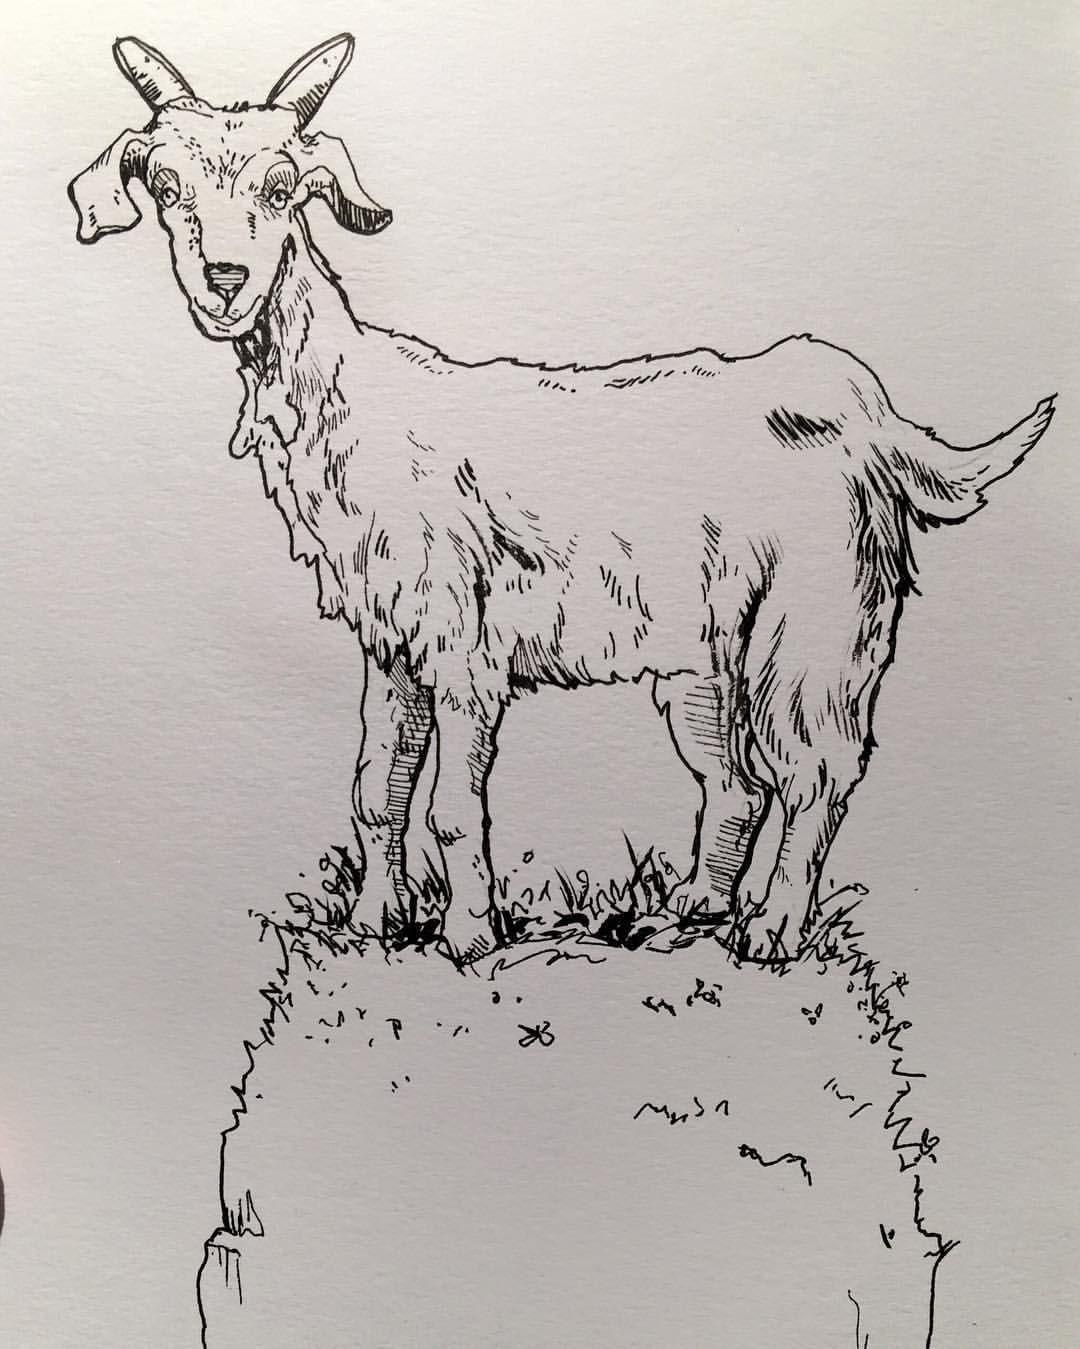 Читать рассказ Мамин Сибиряк бесплатно Упрямый козел